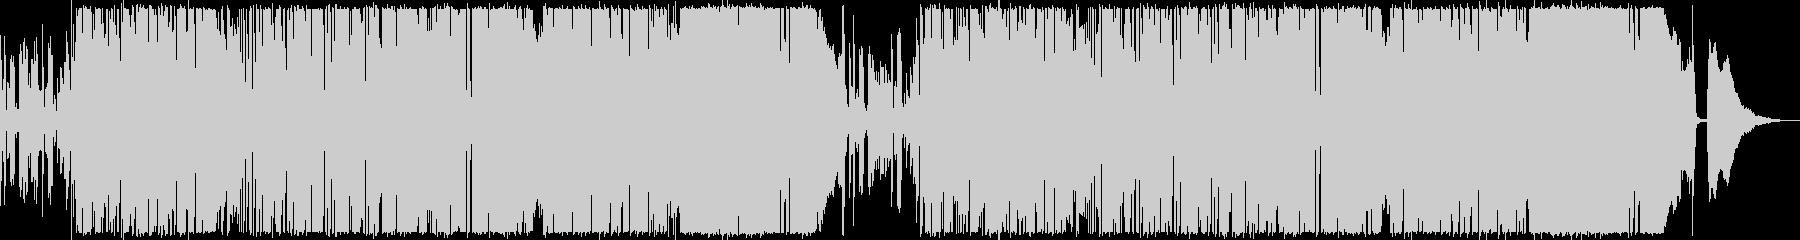 クリーンなHR/HM、ポストロック風の未再生の波形